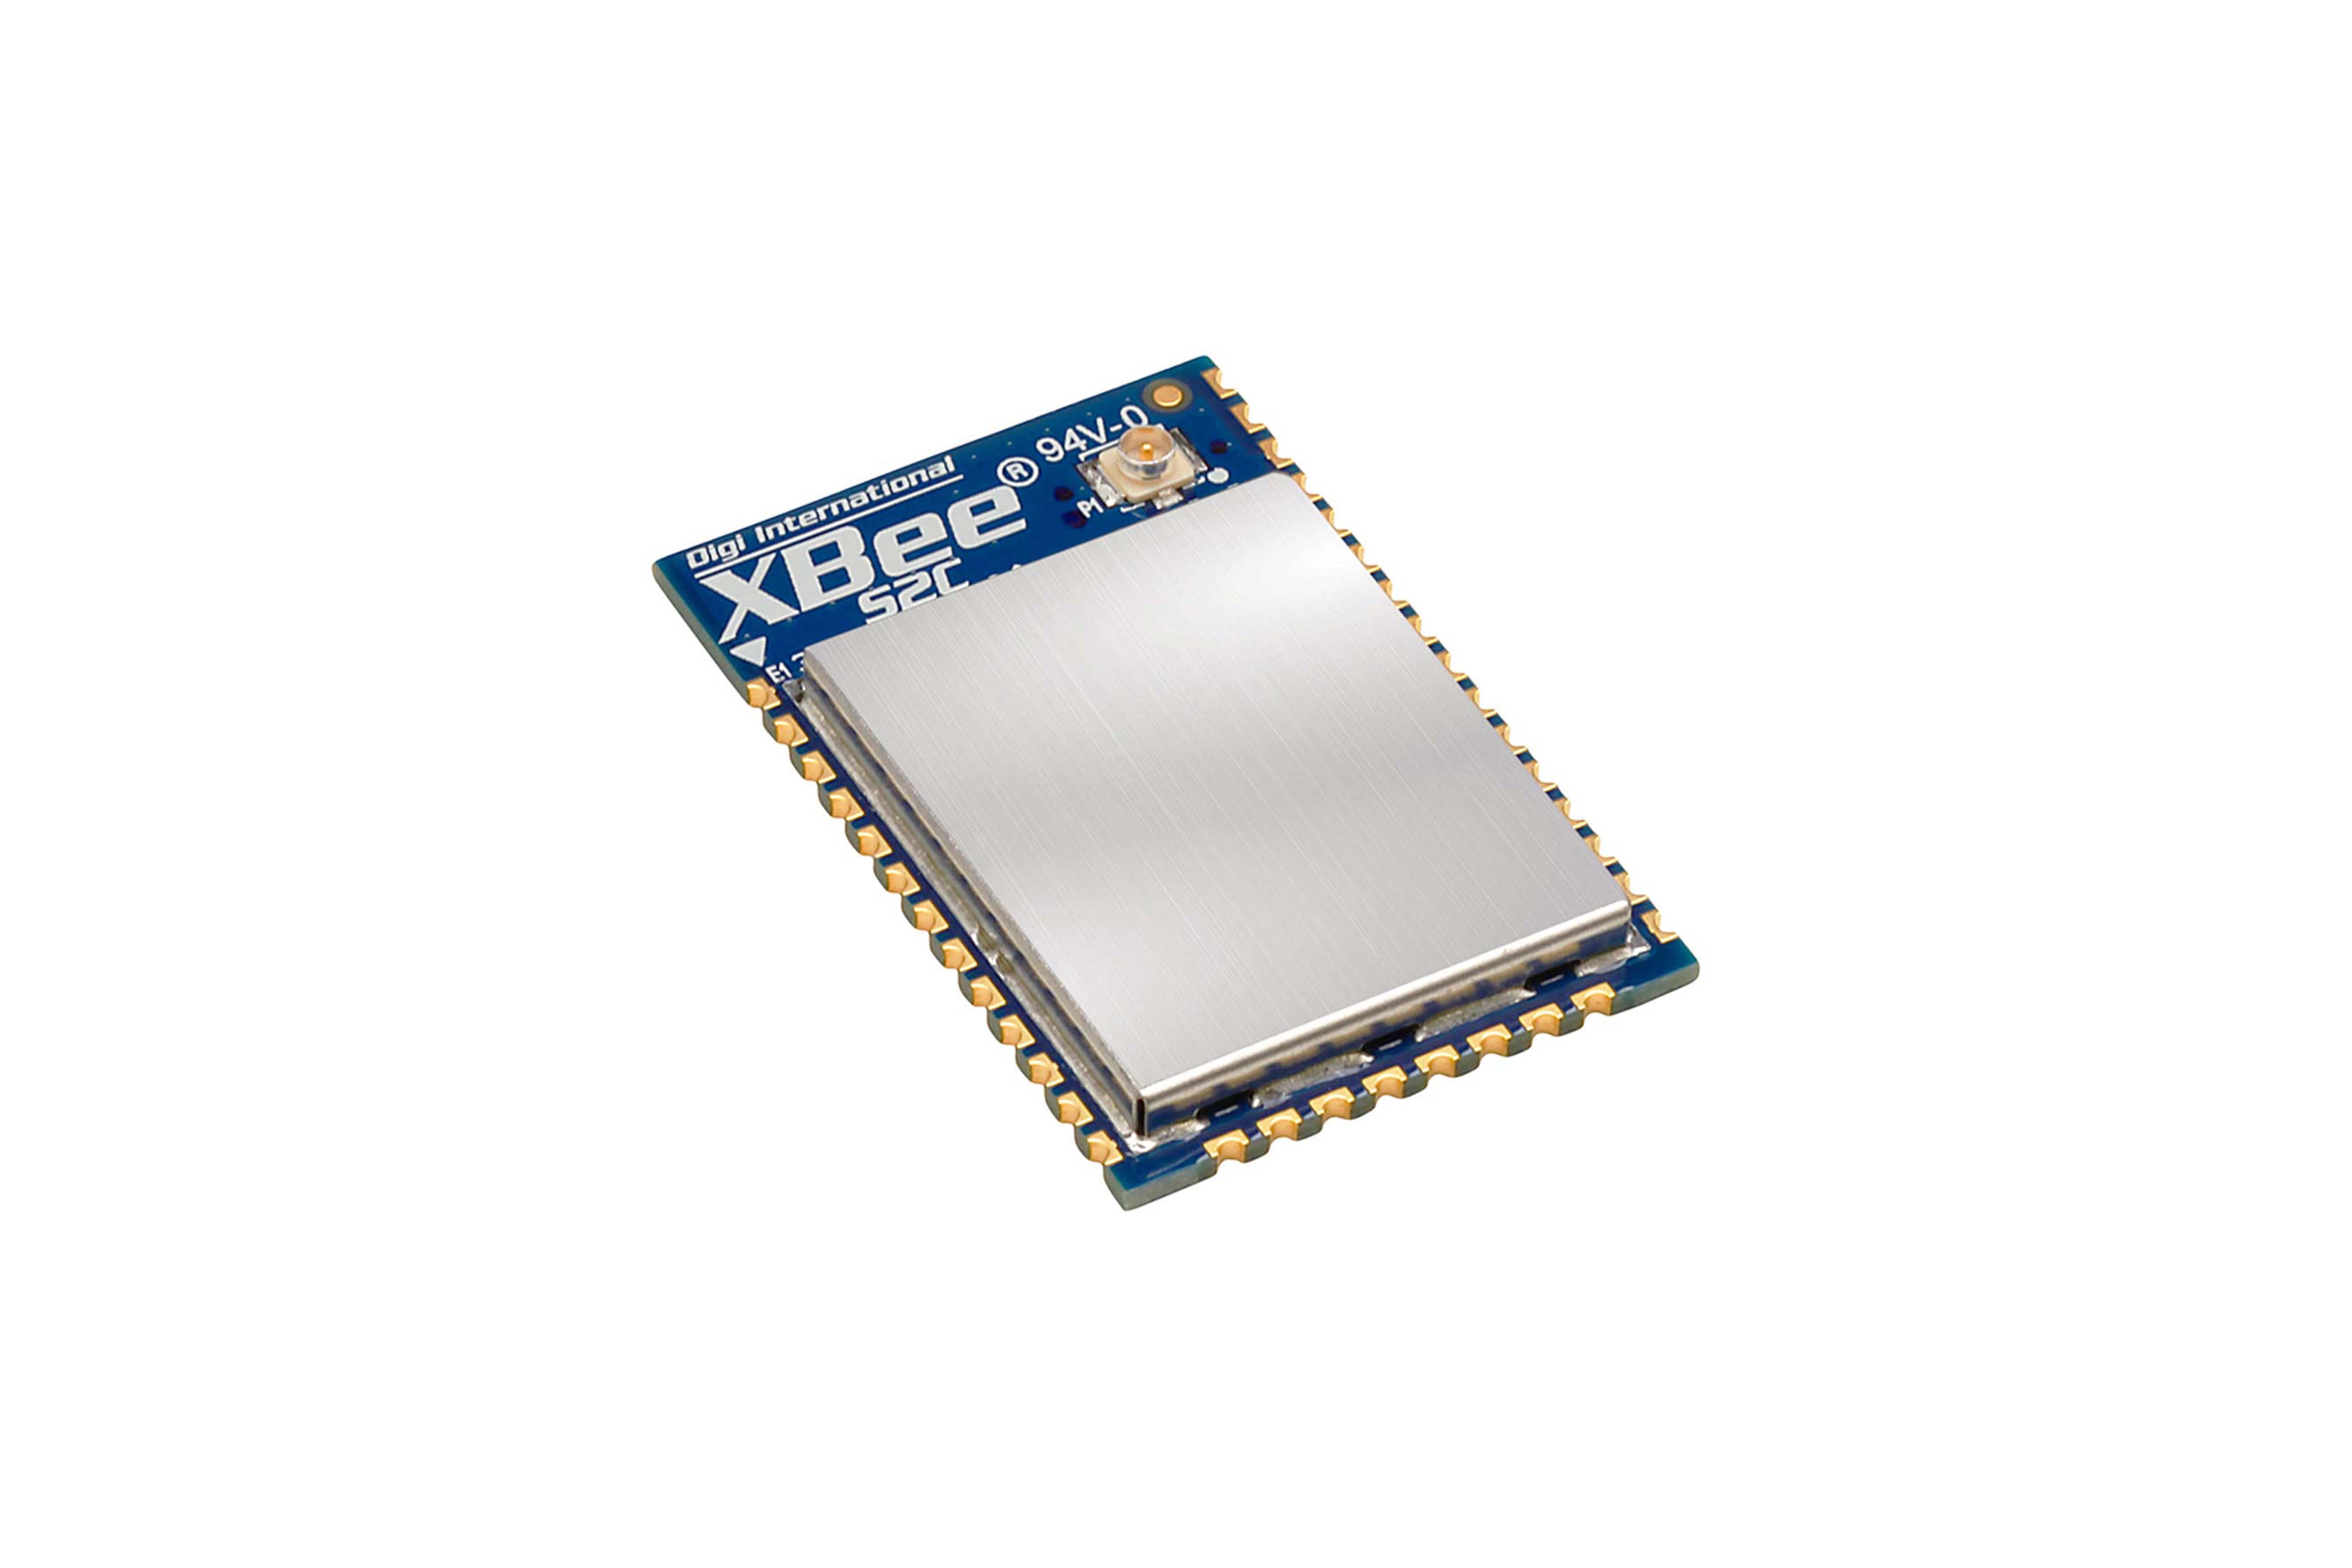 XBee(ジグビー)S2C 802.15.4、2.4GHz、TH